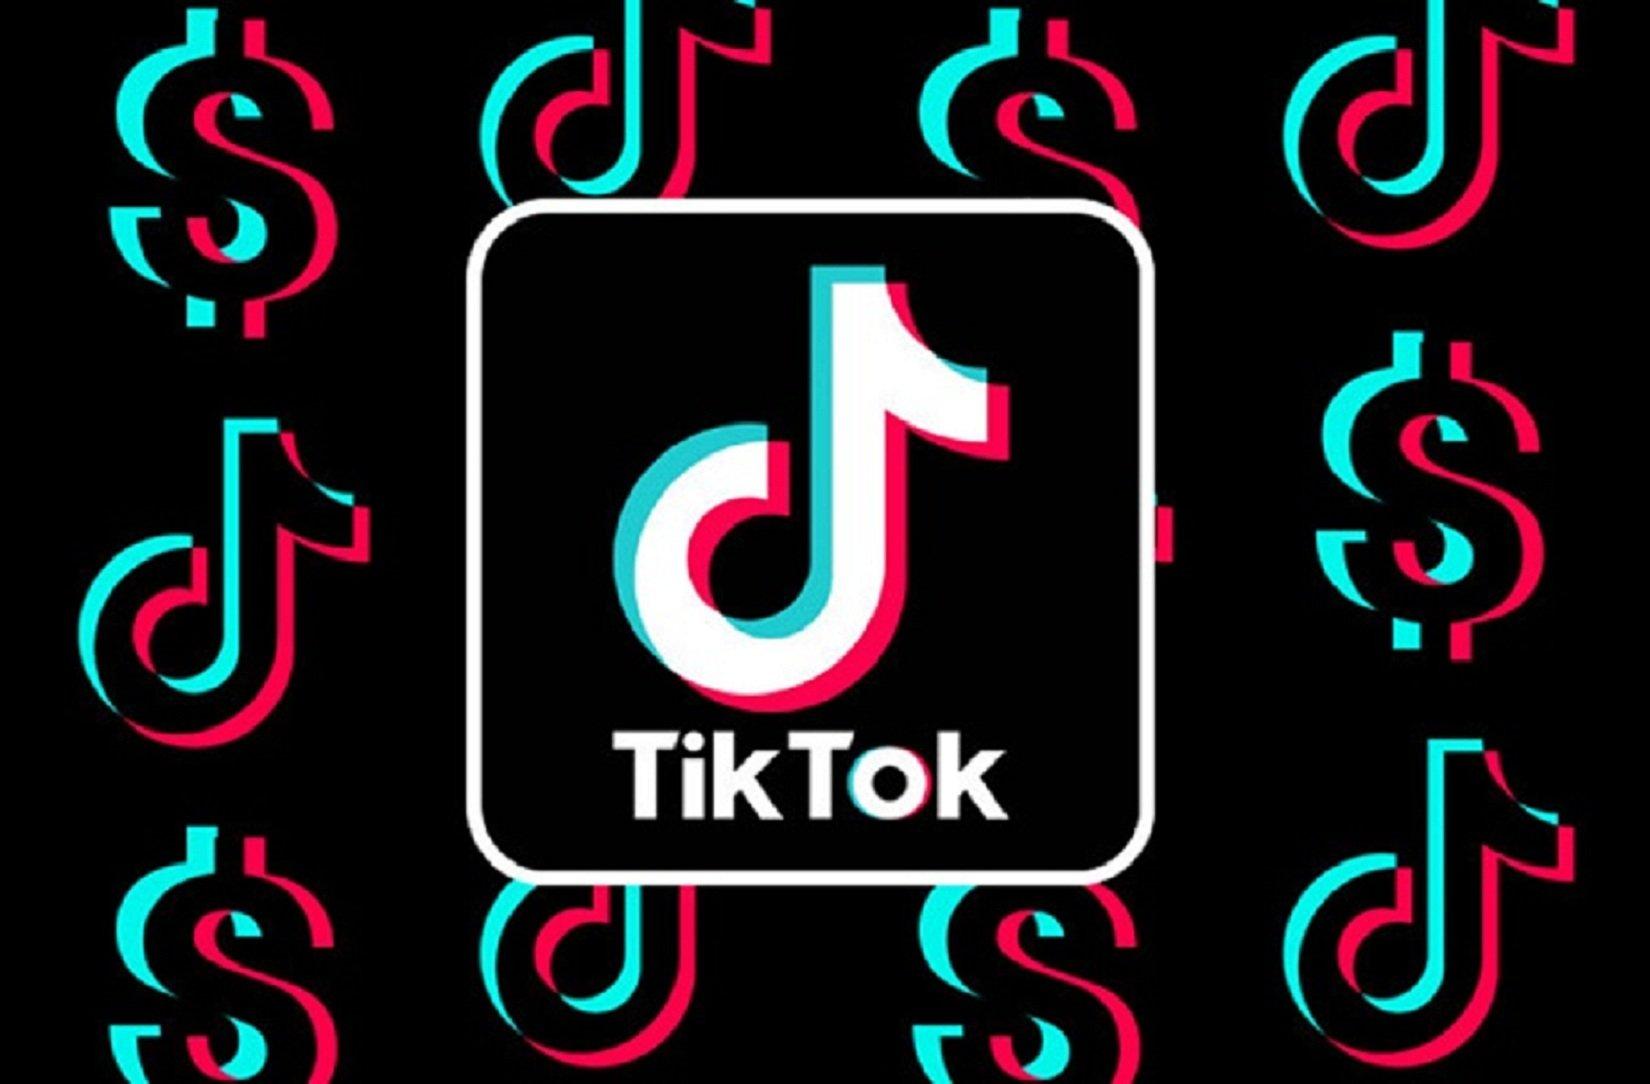 Ipsos: запрет TikTok поддерживает 40% американцев, хотя только 35% знают, что это такое